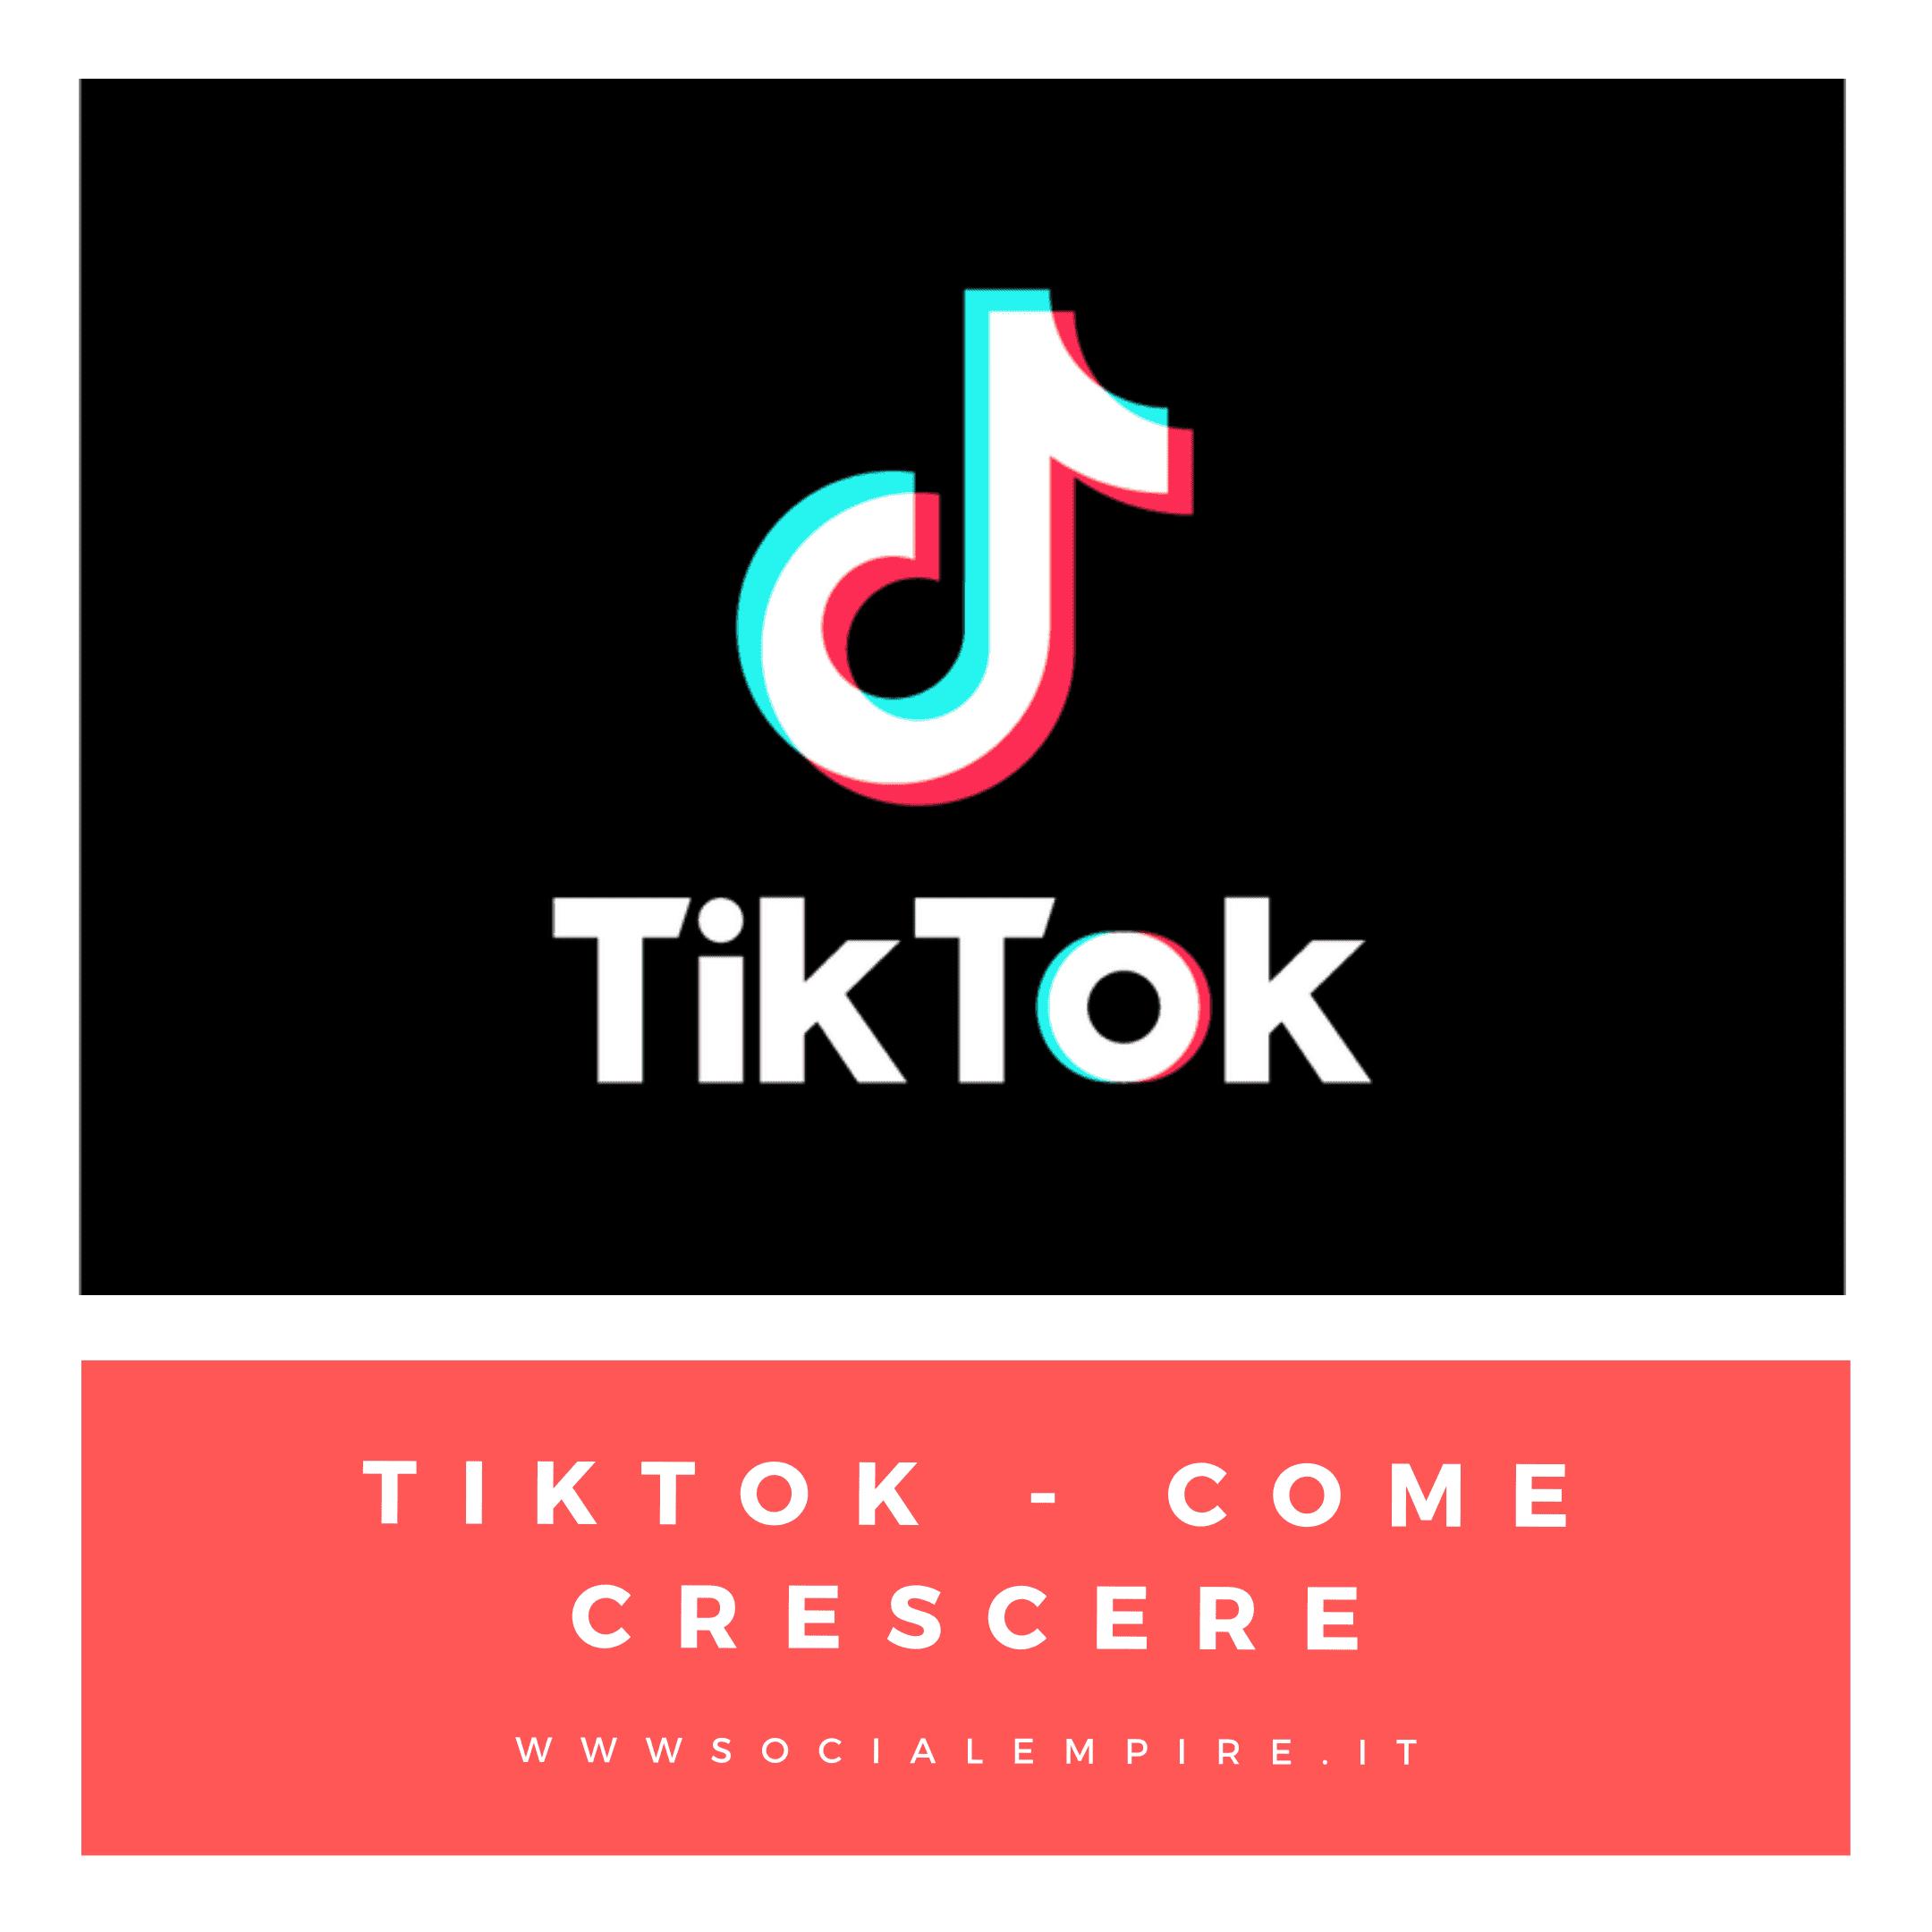 TikTok come crescere ed aumentare i follower